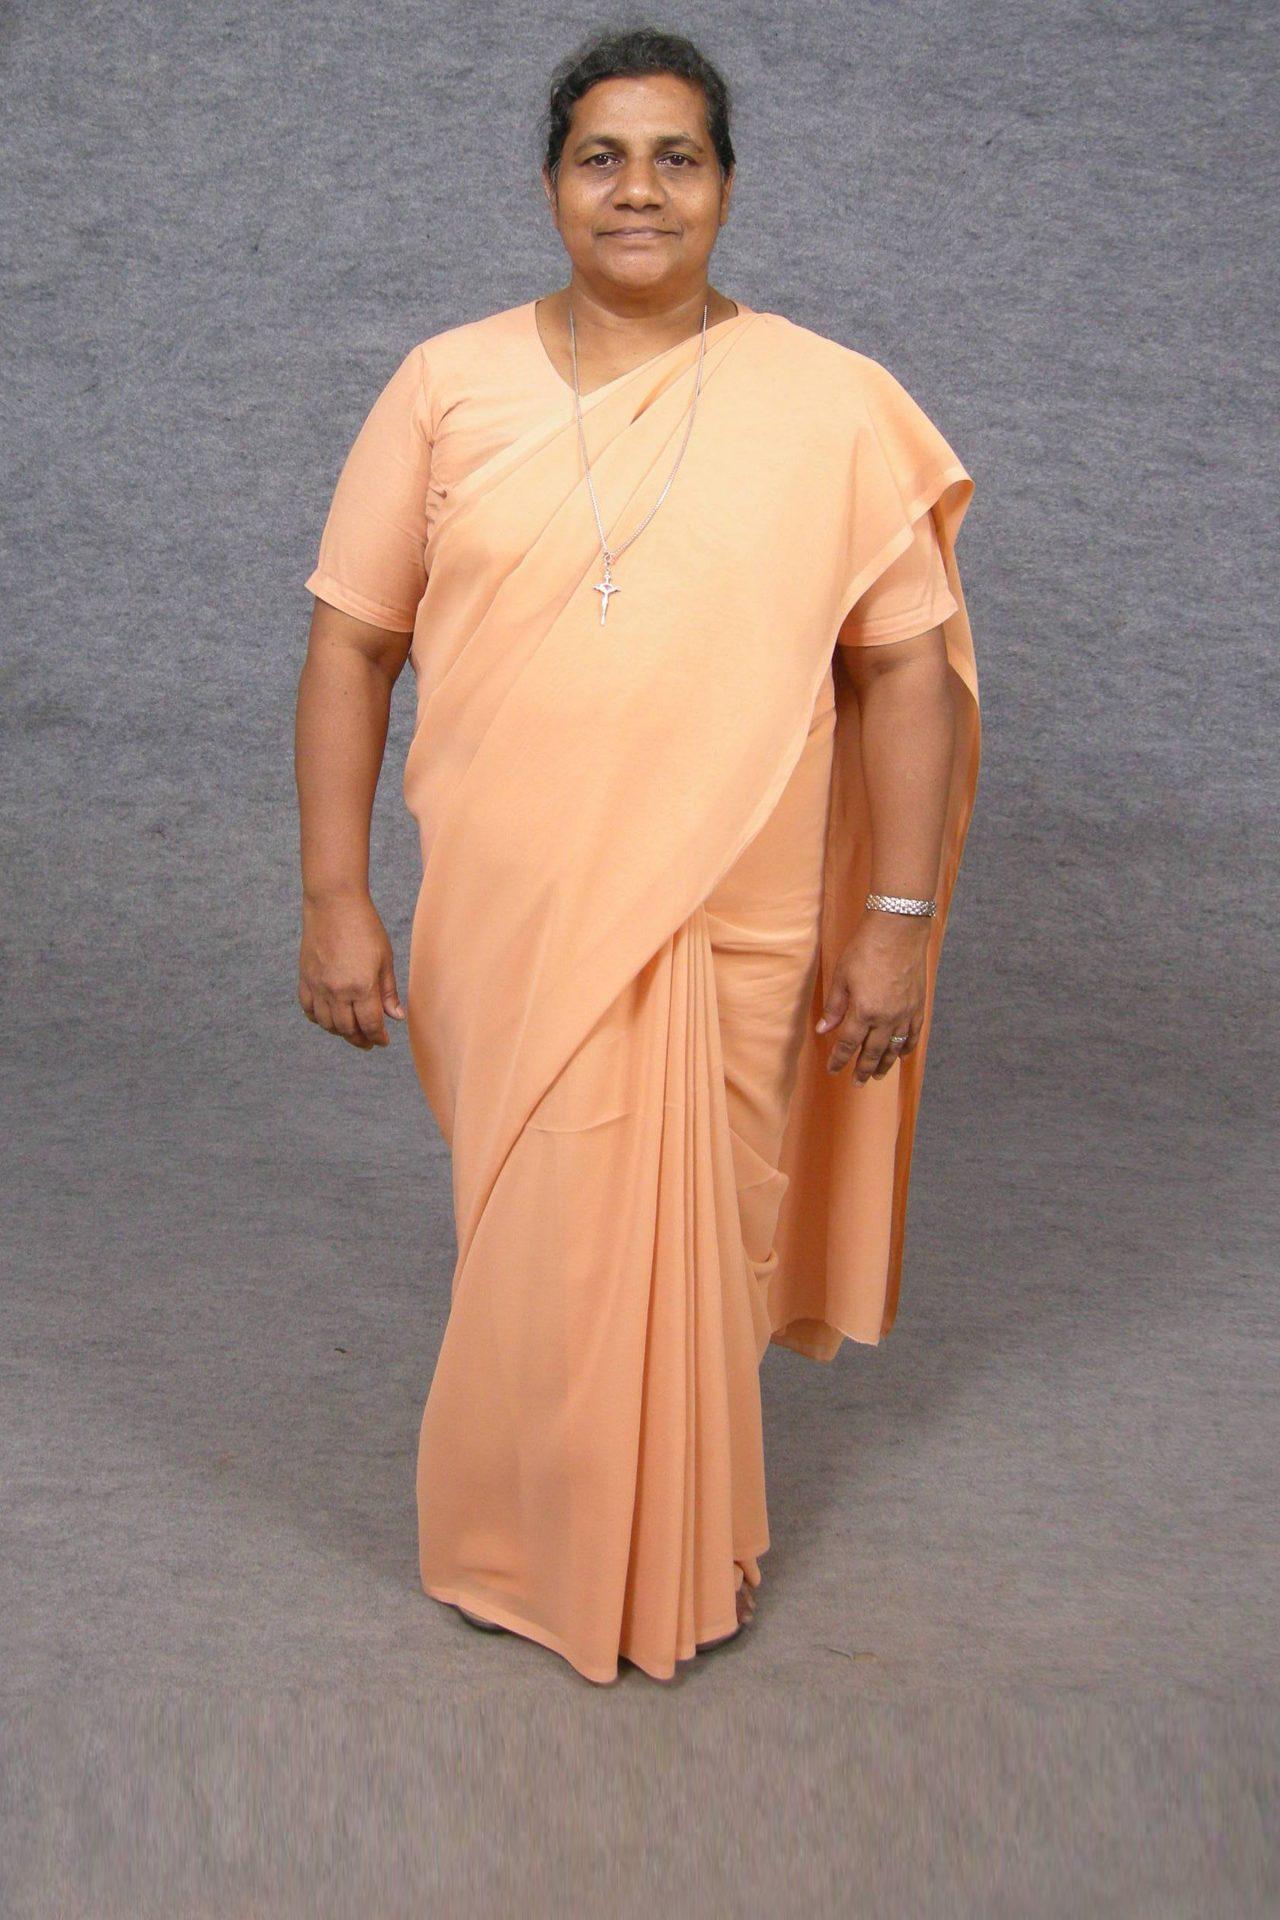 1.Sr. Teresina Kunnath-